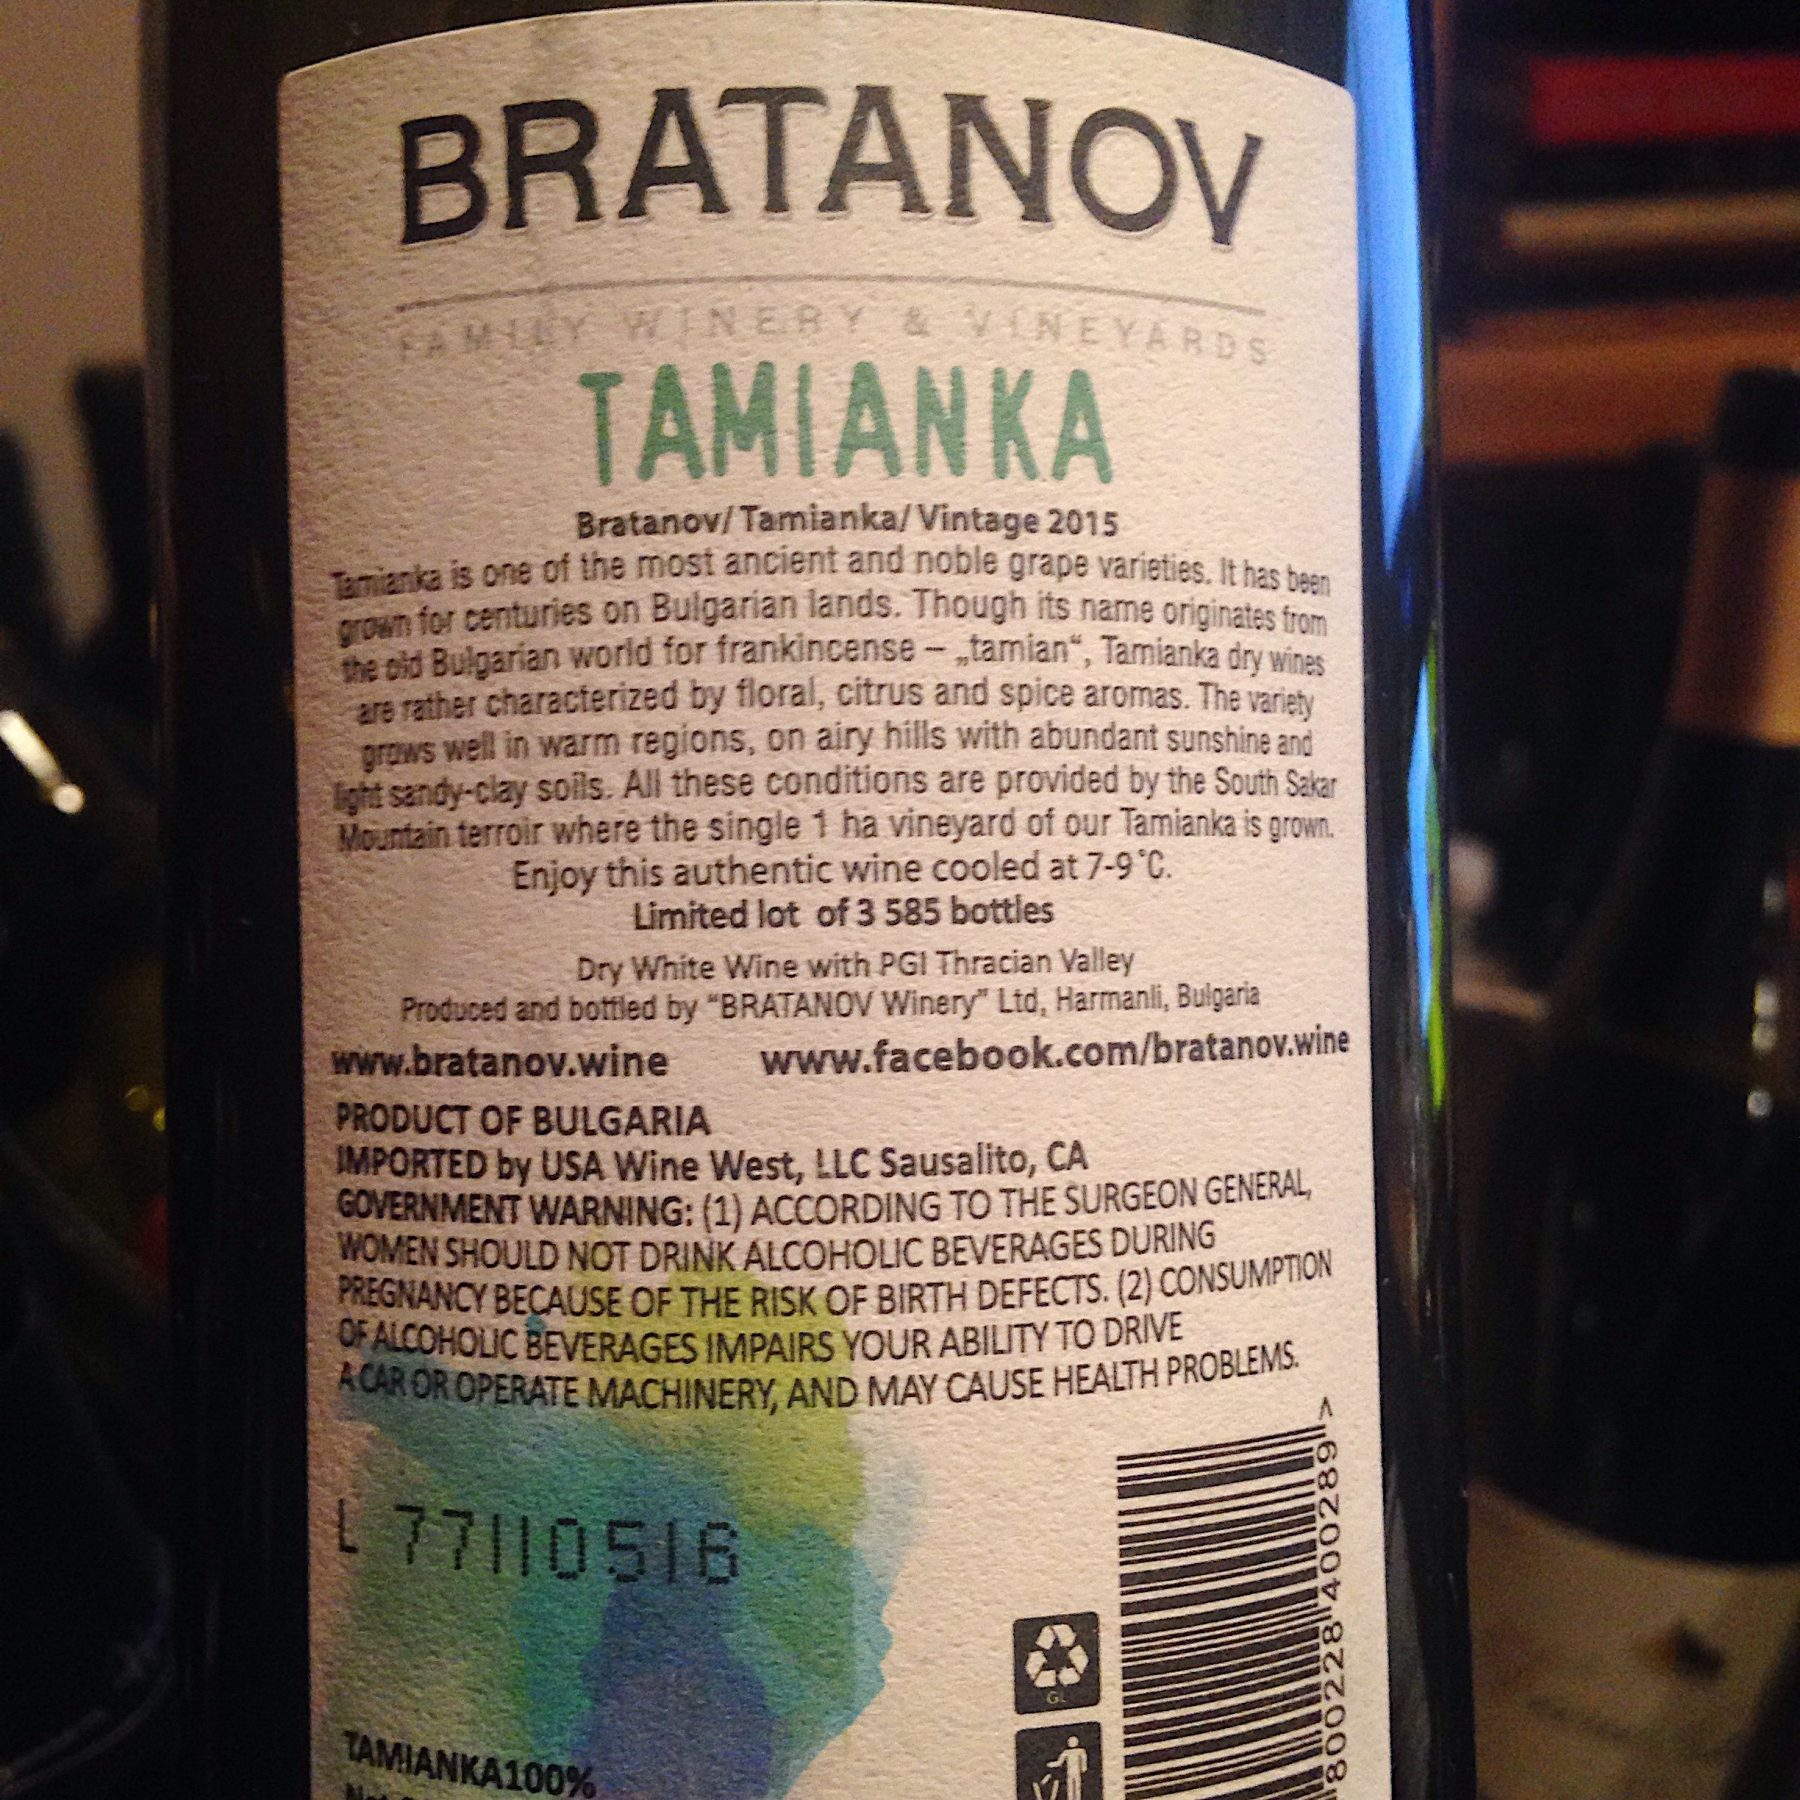 2015 Tamianka Bratanov Family Winery and Vineyard